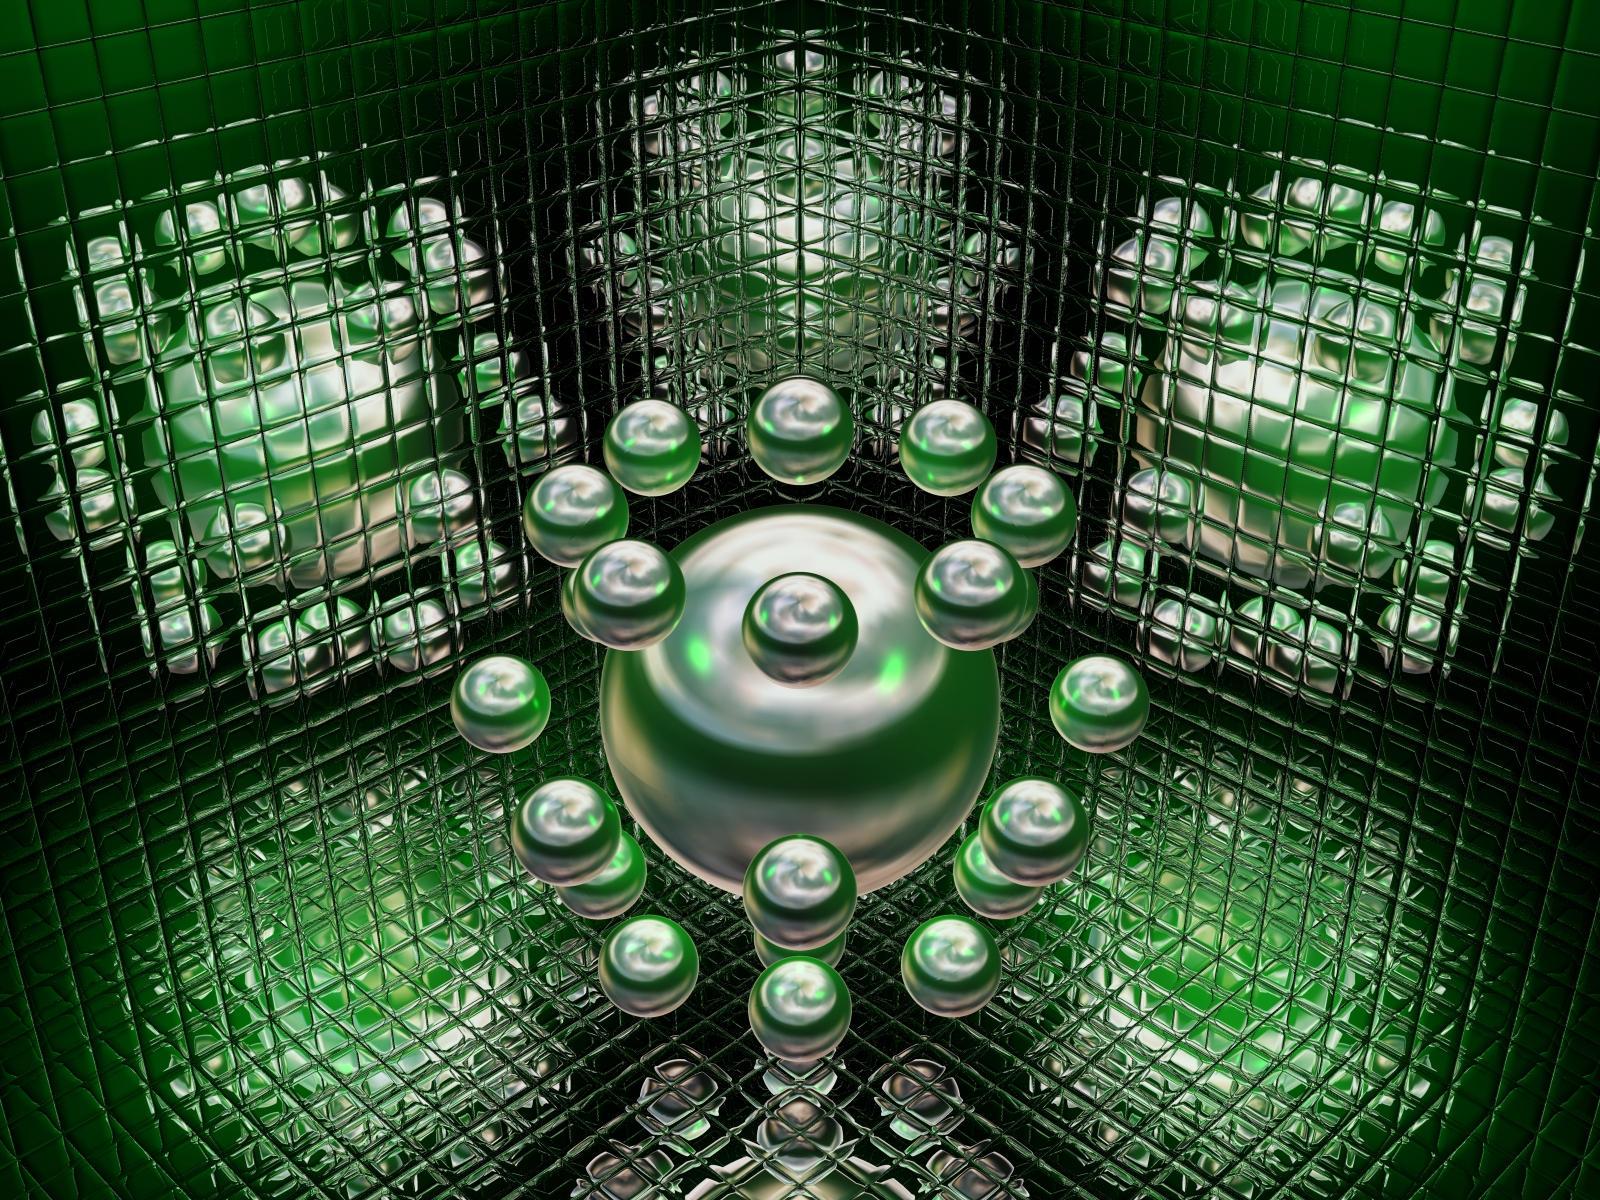 Beginning of Matrix v.2 by PC-JUNKY on DeviantArt